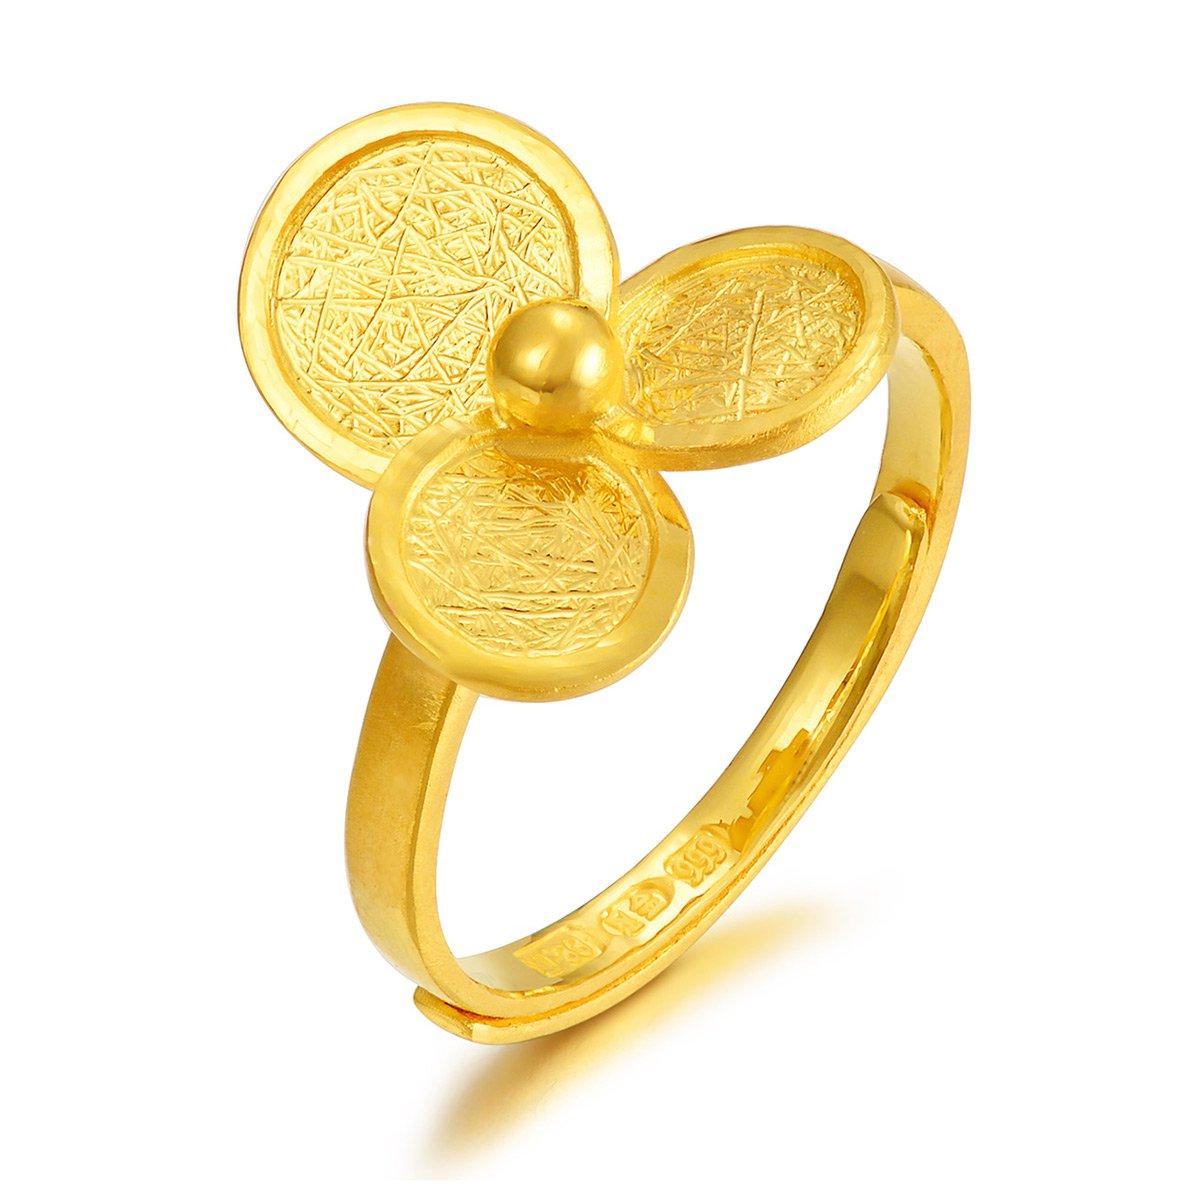 中国黄金足金戒指女士黄金戒指真爱之心三叶草黄金戒指女计价ZGHJJZ1731